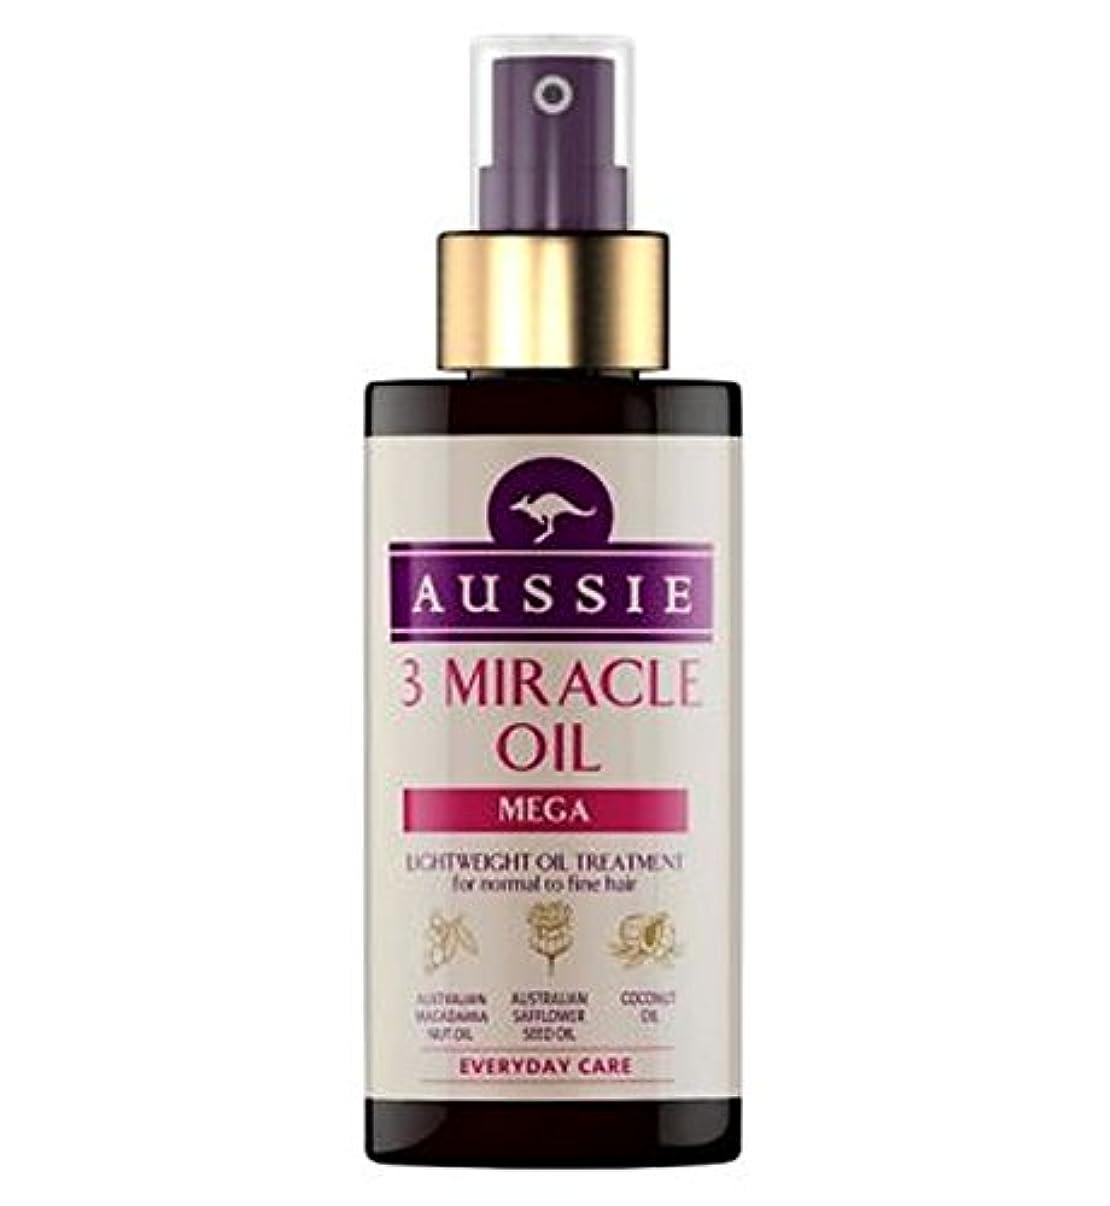 オーラルもちろん郵便屋さん細い髪の100ミリリットルに、通常のためのオージー3奇跡のオイルメガ (Aussie) (x2) - Aussie 3 Miracle Oil Mega for Normal to Fine Hair 100ml (Pack...